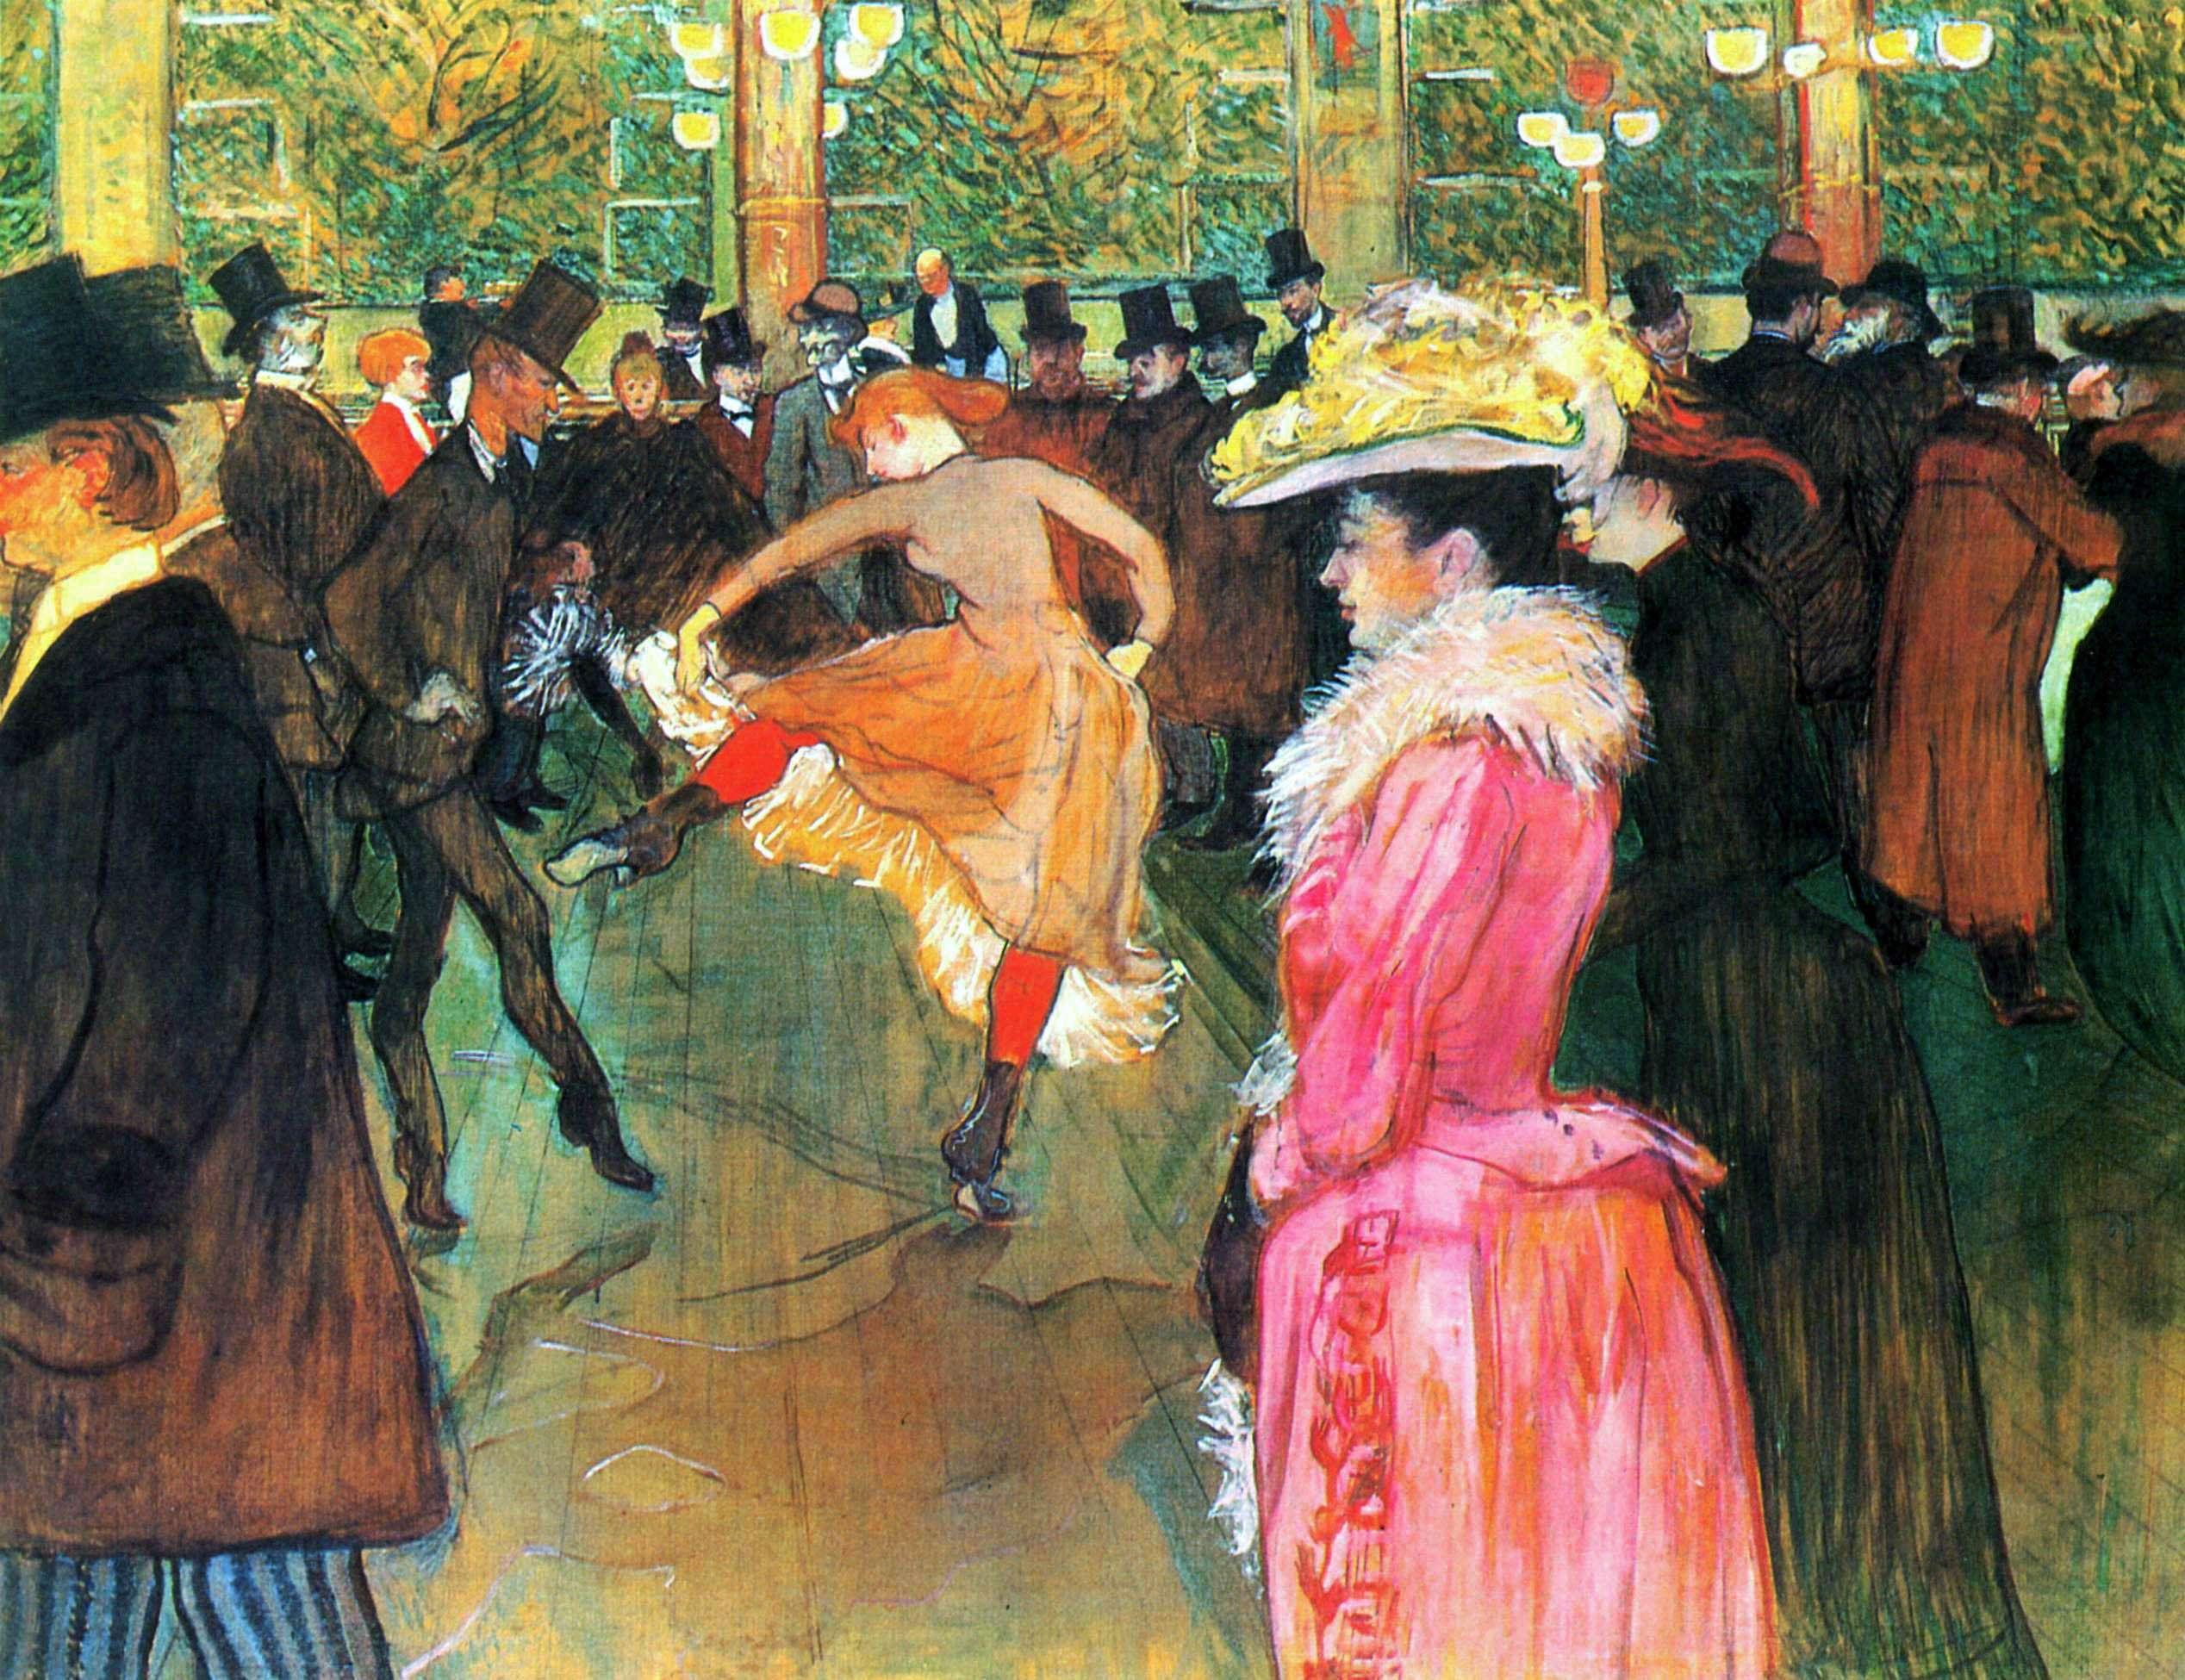 Ανρί ντε Τουλούζ-Λωτρέκ (Henri Marie Raymond de Toulouse-Lautrec-Monfa, 24 Νοεμβρίου 1864 - 9 Σεπτεμβρίου 1901). Χορός στο Moulin Rouge, 1890, Φιλαδέλφεια, Museum of Art.